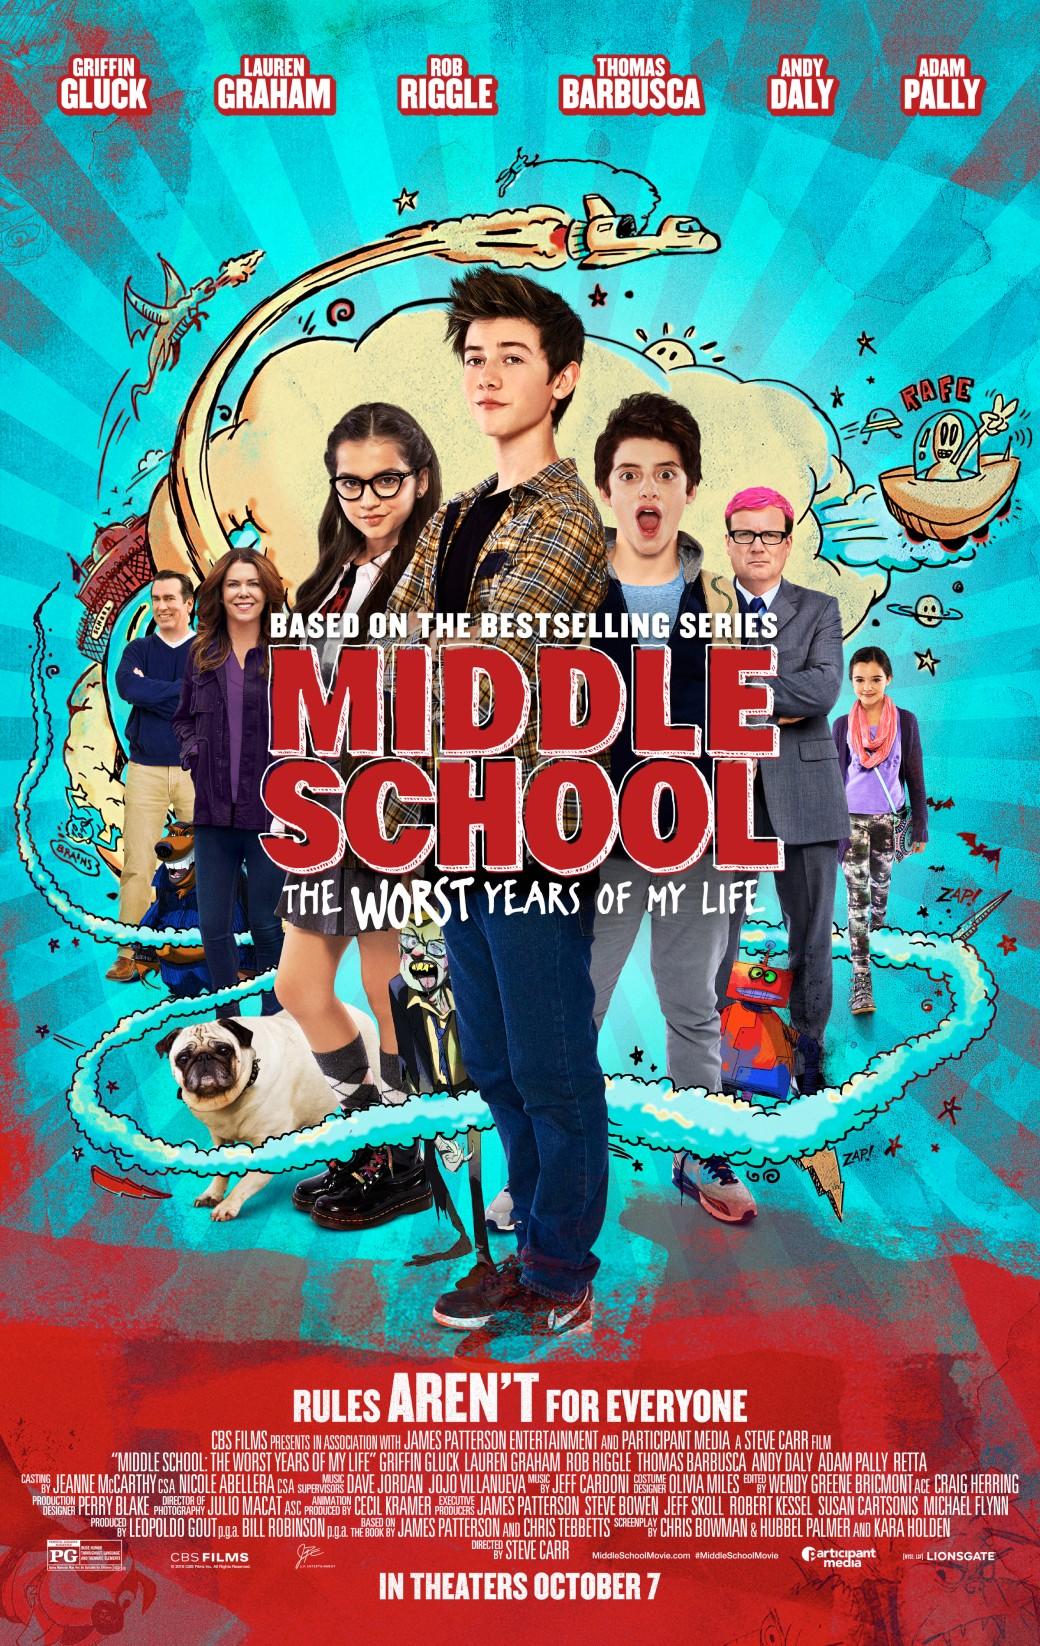 middleschool_poster